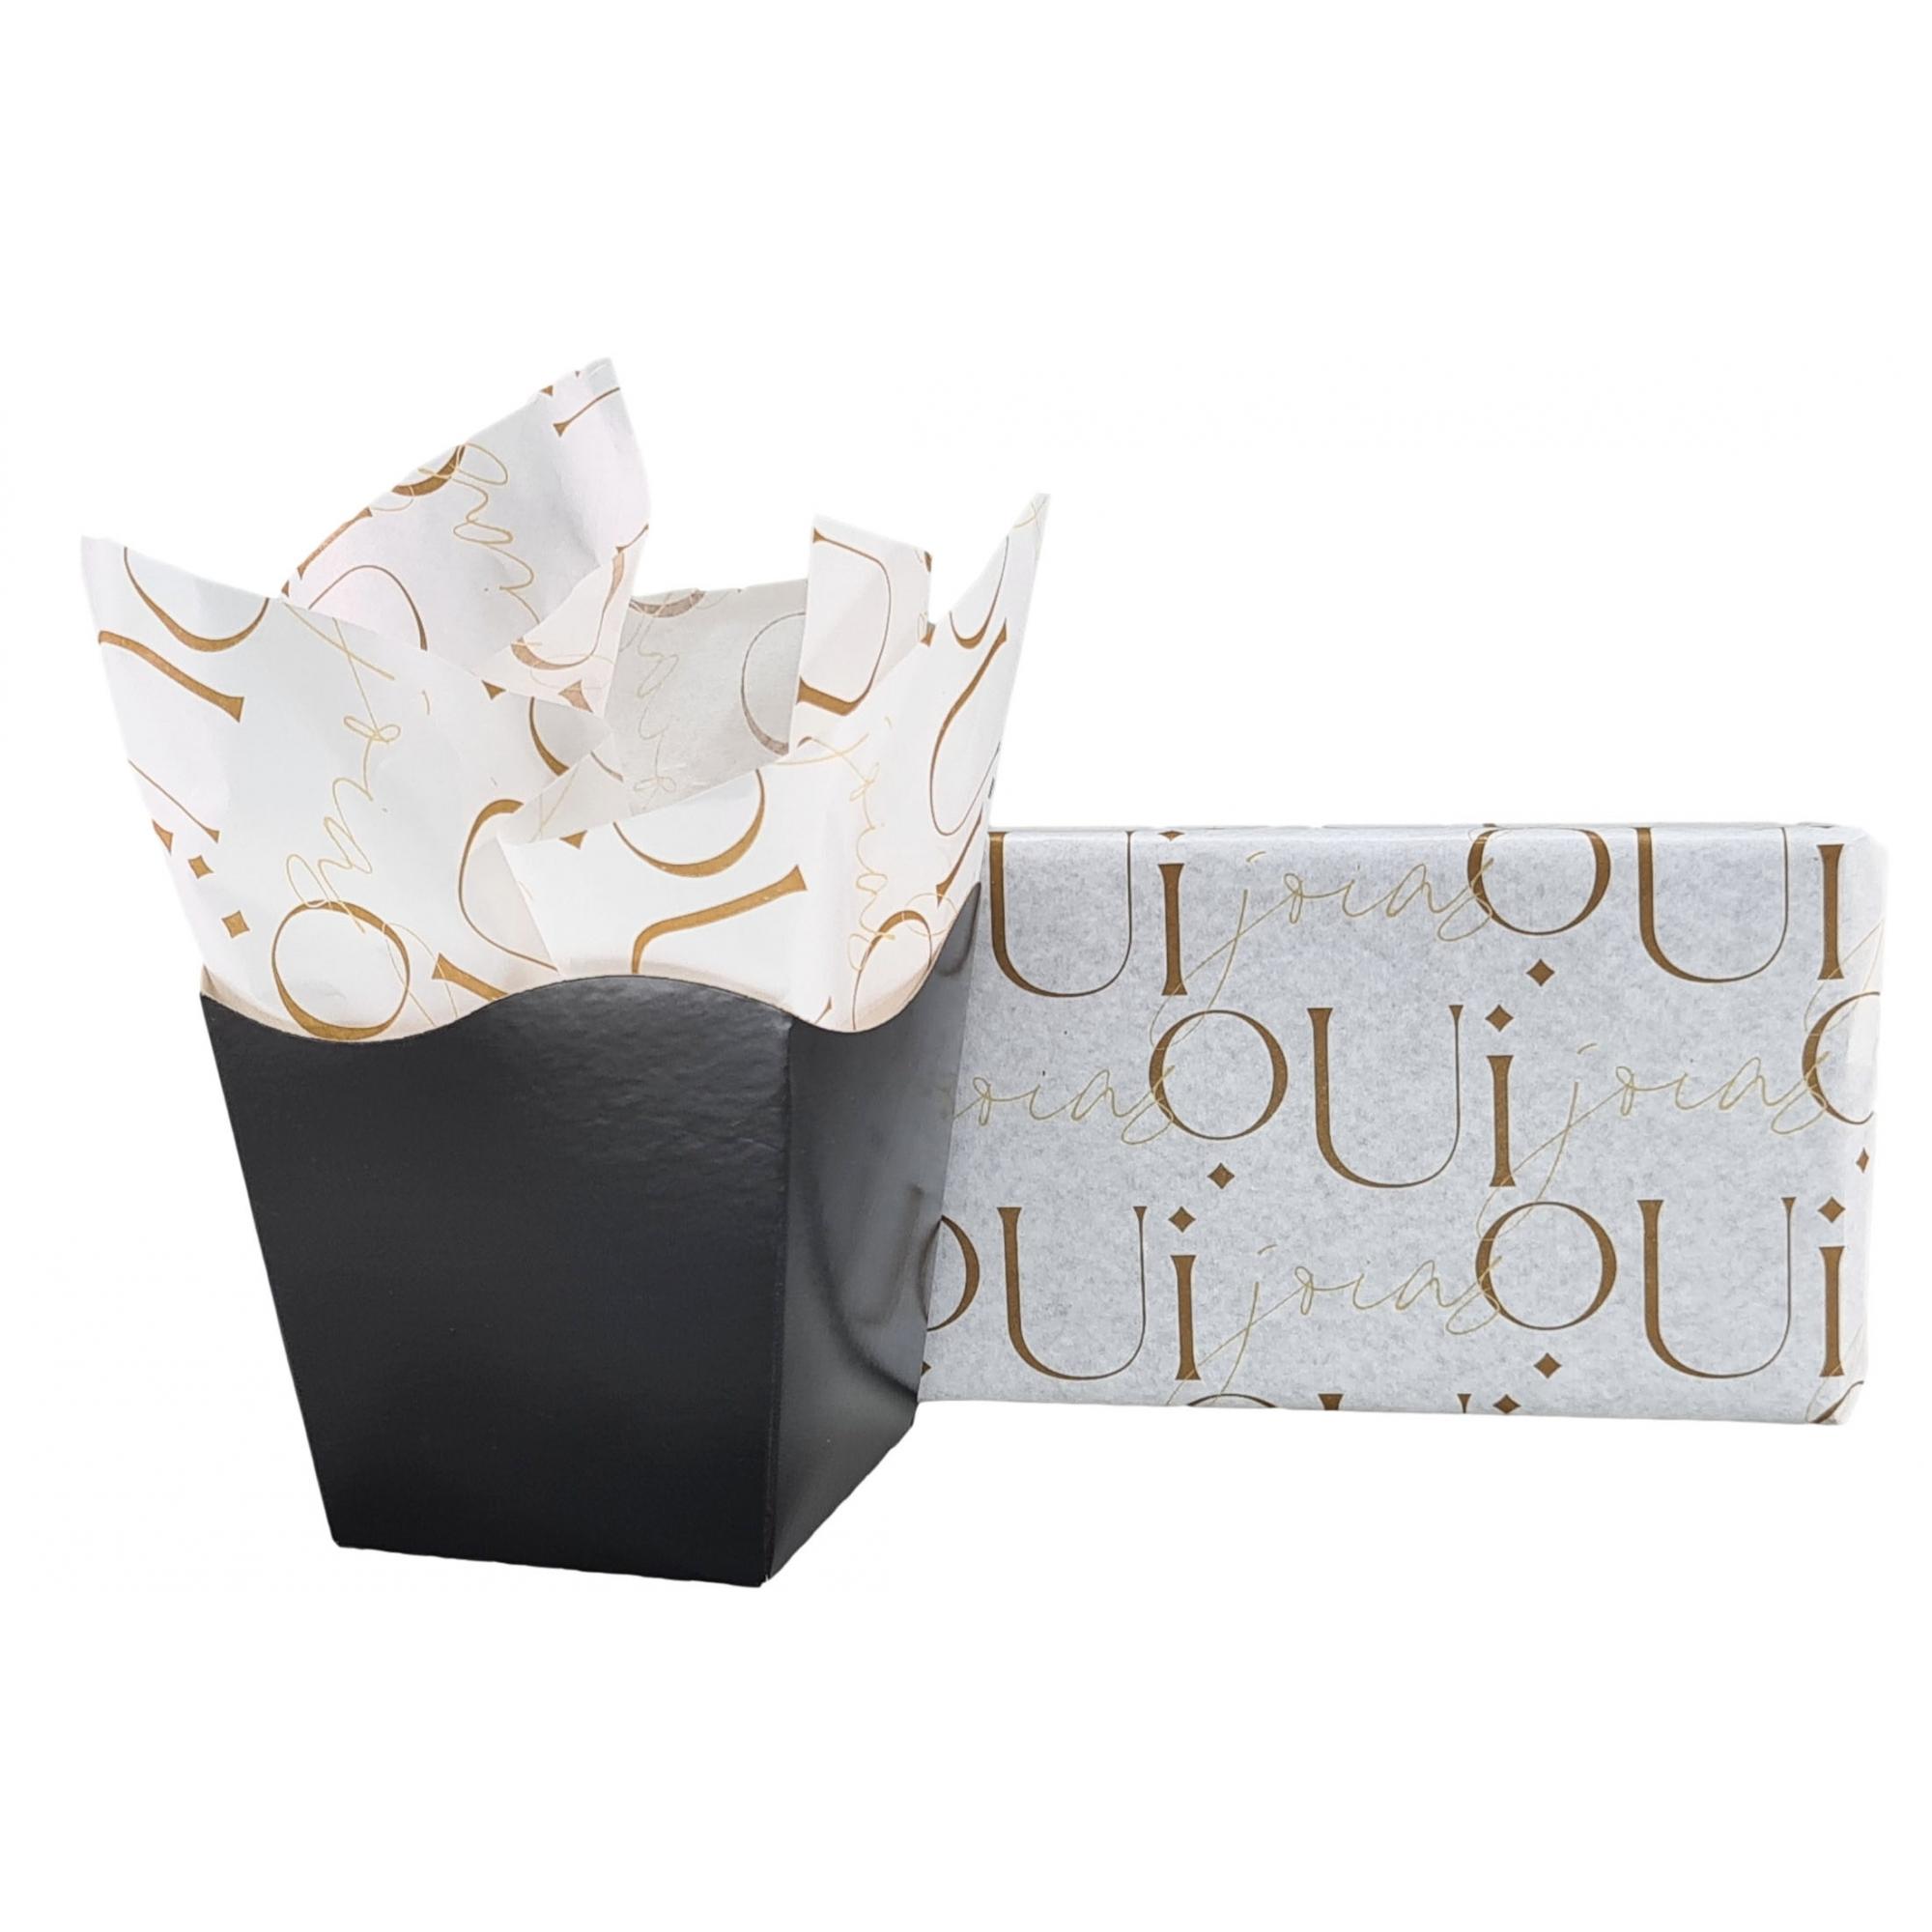 Papel de Seda Personalizado 20g/m - Tamanho 50 x 70  - Linha Paper 6360  - Litex Embalagens